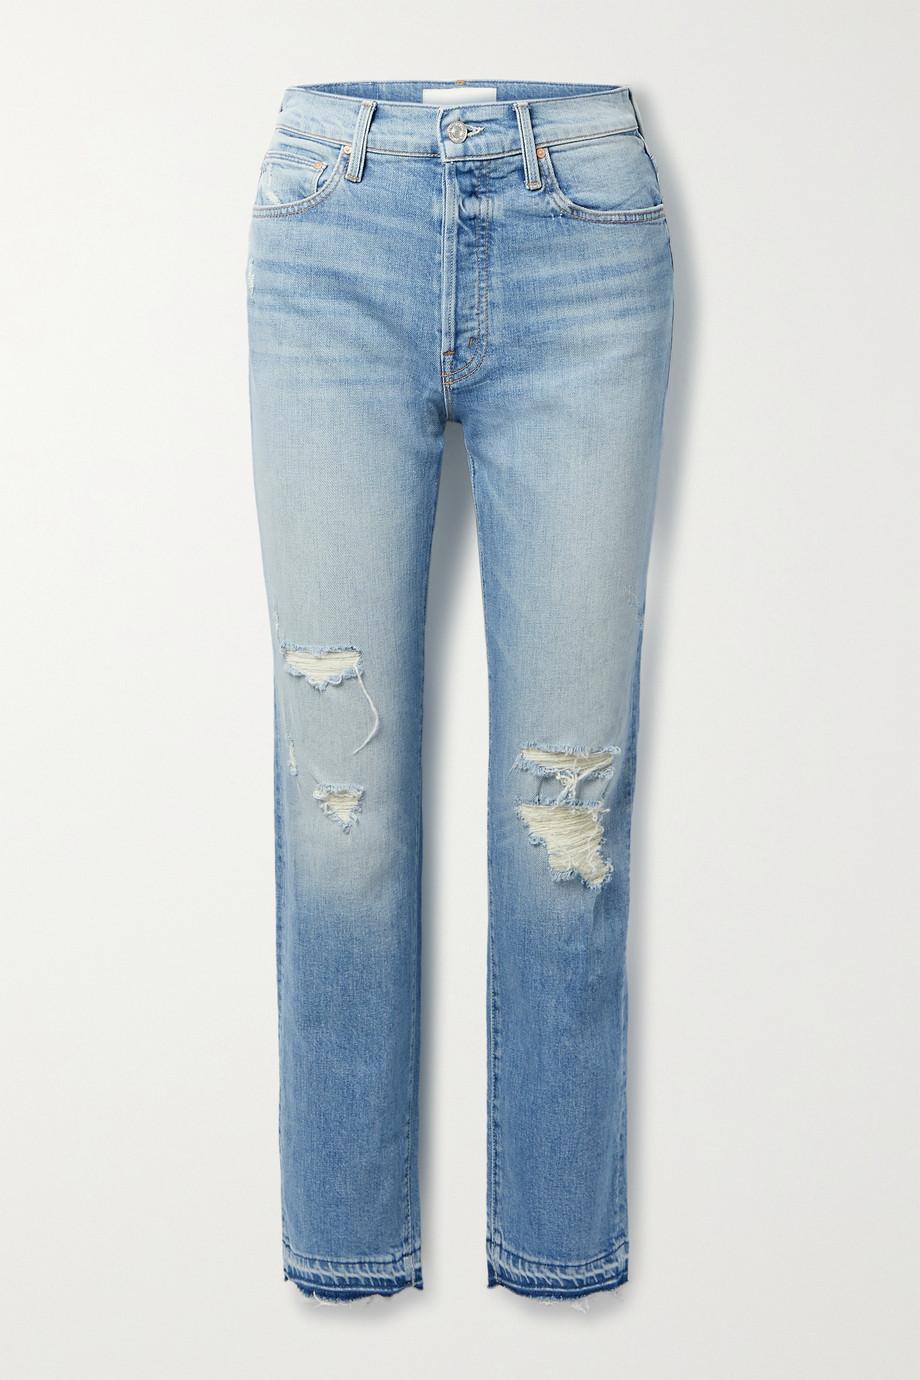 MOTHER Hiker Hover hoch sitzende Jeans mit geradem Bein und Distressed-Details